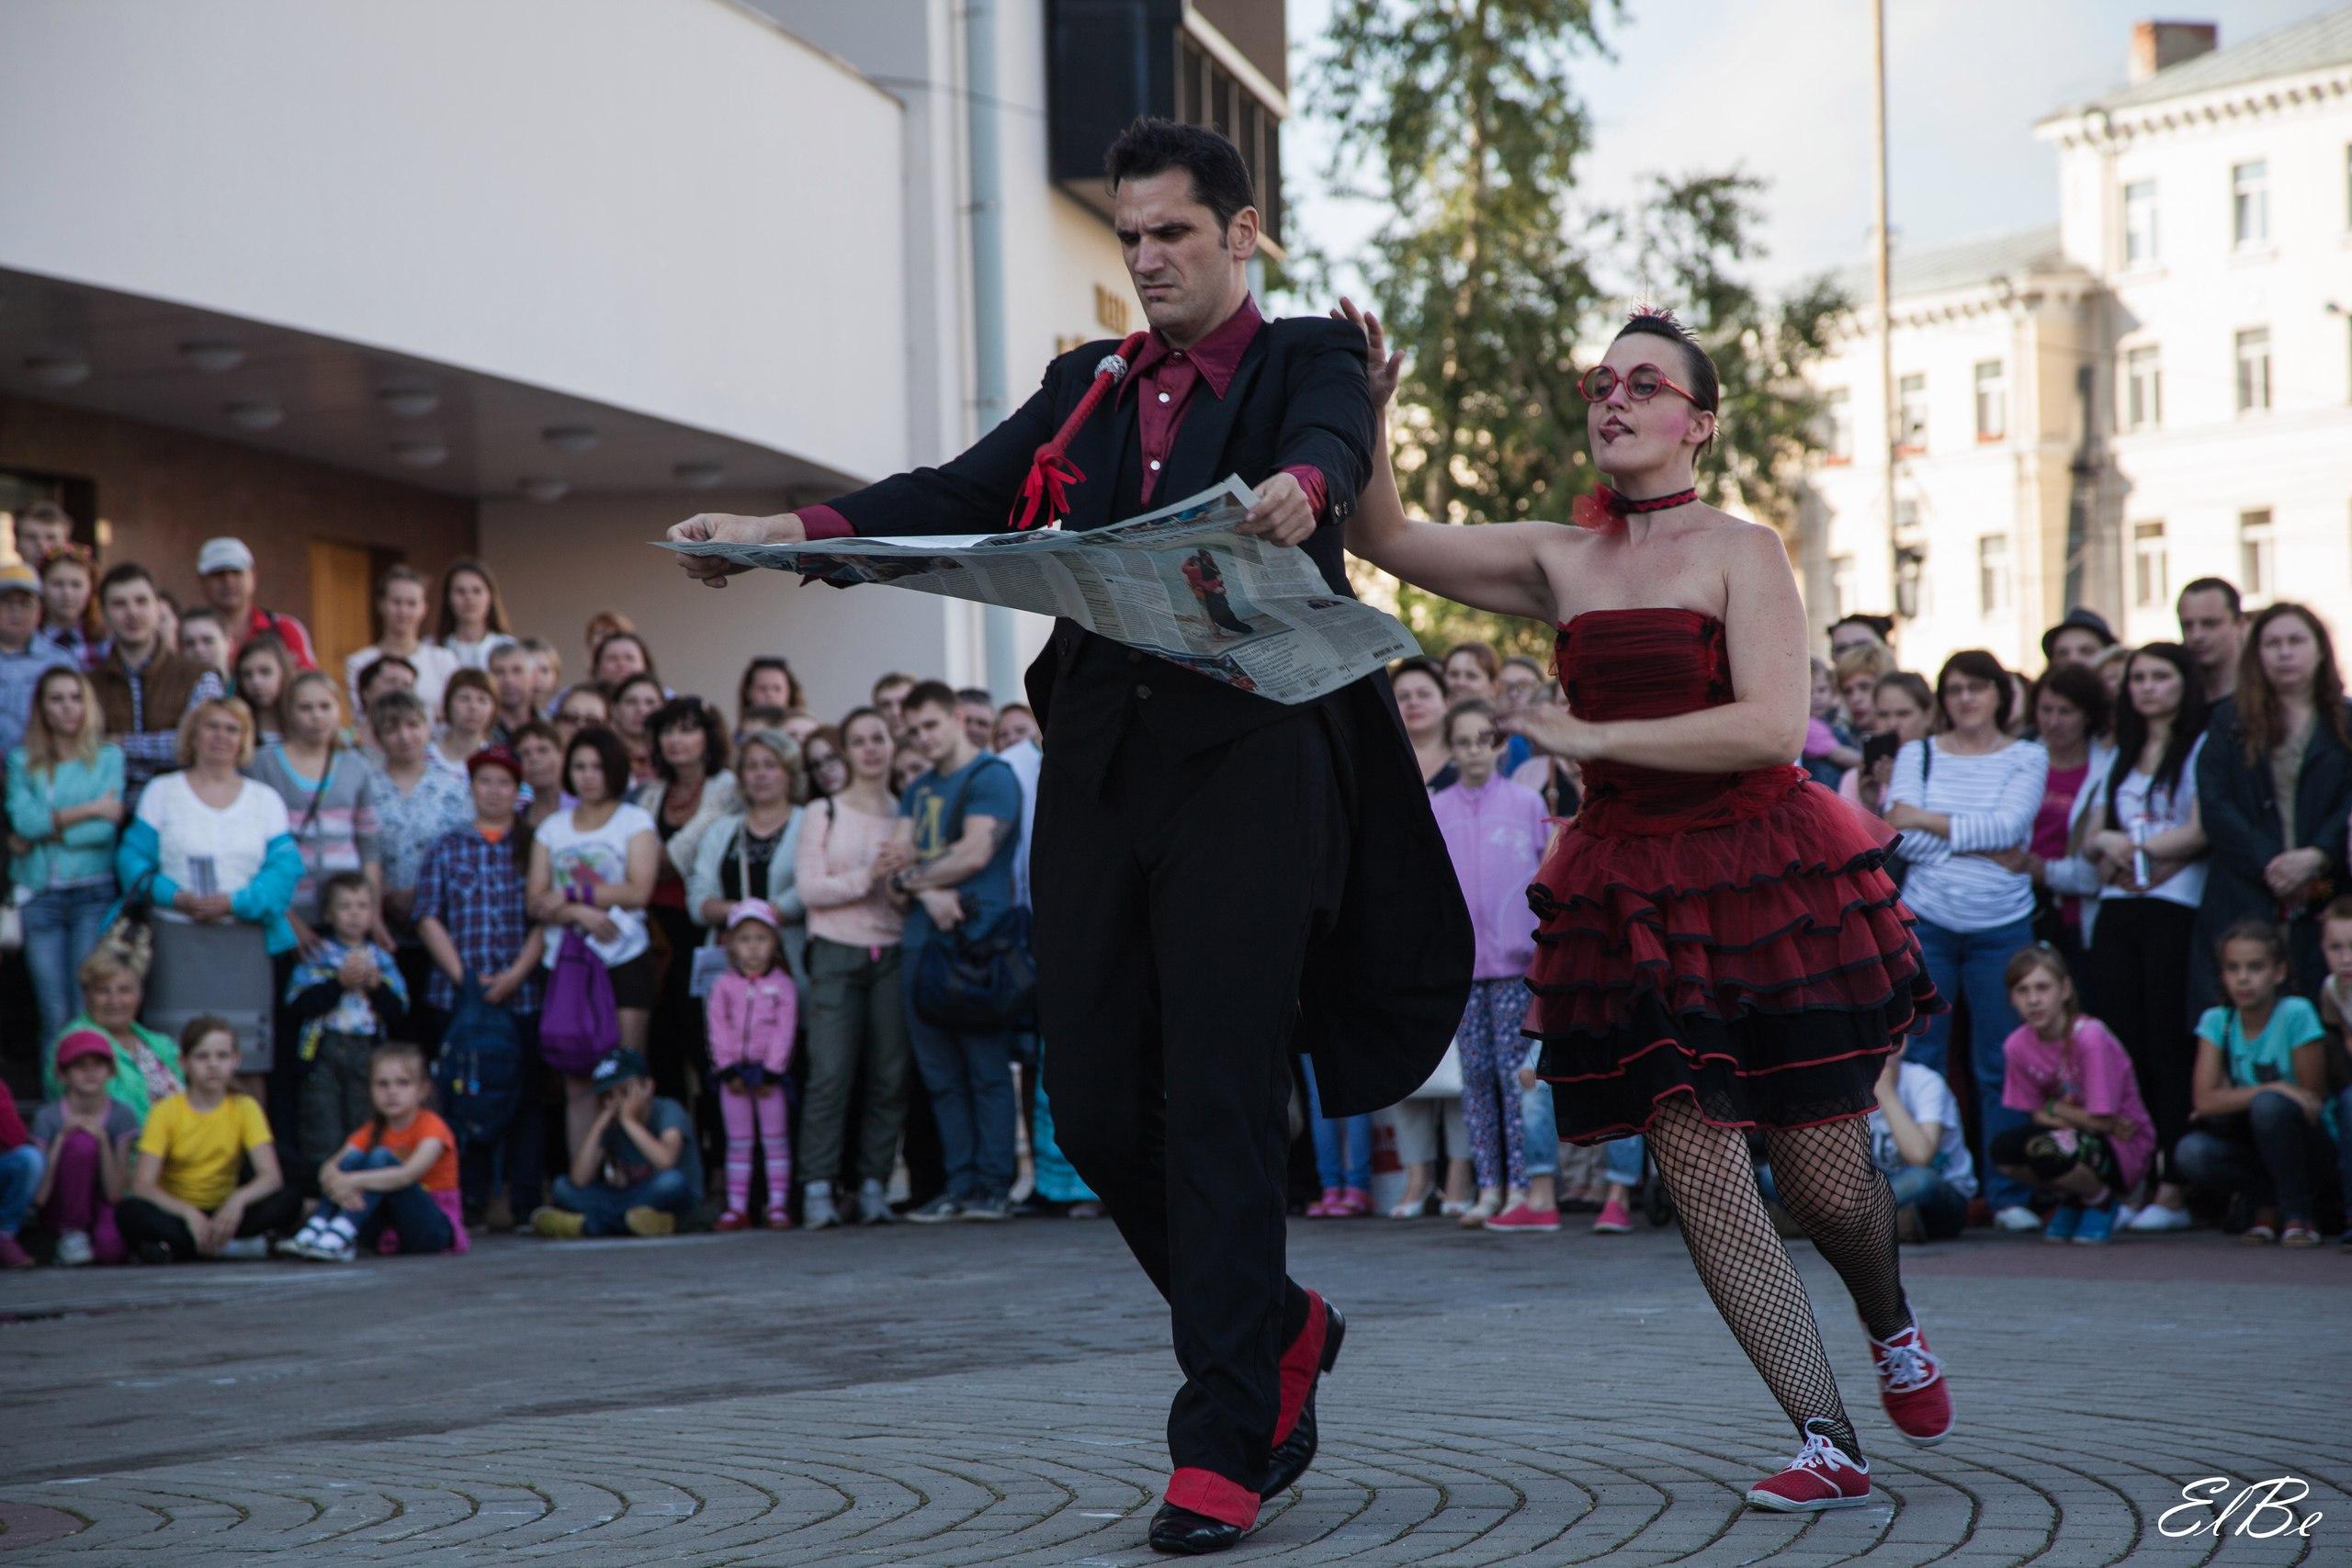 Festival in Russia